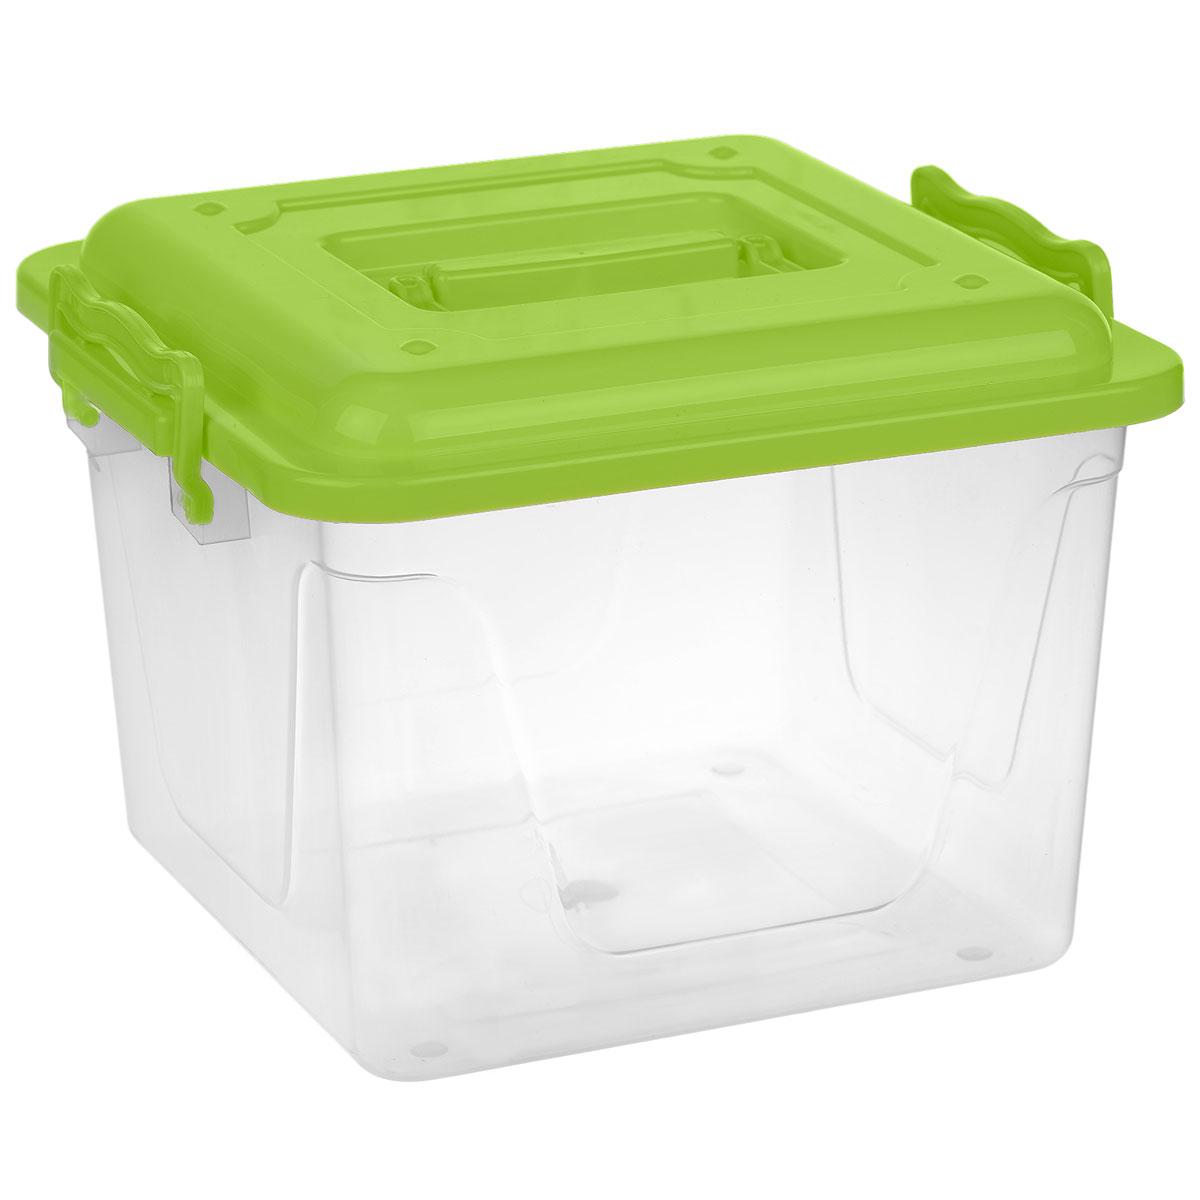 Контейнер Альтернатива, цвет: зеленый, 8,5 лМ1032Контейнер Альтернатива выполнен из прочного пластика. Он предназначен для хранения различных бытовых вещей и продуктов. Контейнер оснащен по бокам ручками, которые плотно закрывают крышку контейнера. Также на крышке имеется ручка для удобной переноски. Контейнер поможет хранить все в одном месте, он защитит вещи от пыли, грязи и влаги.